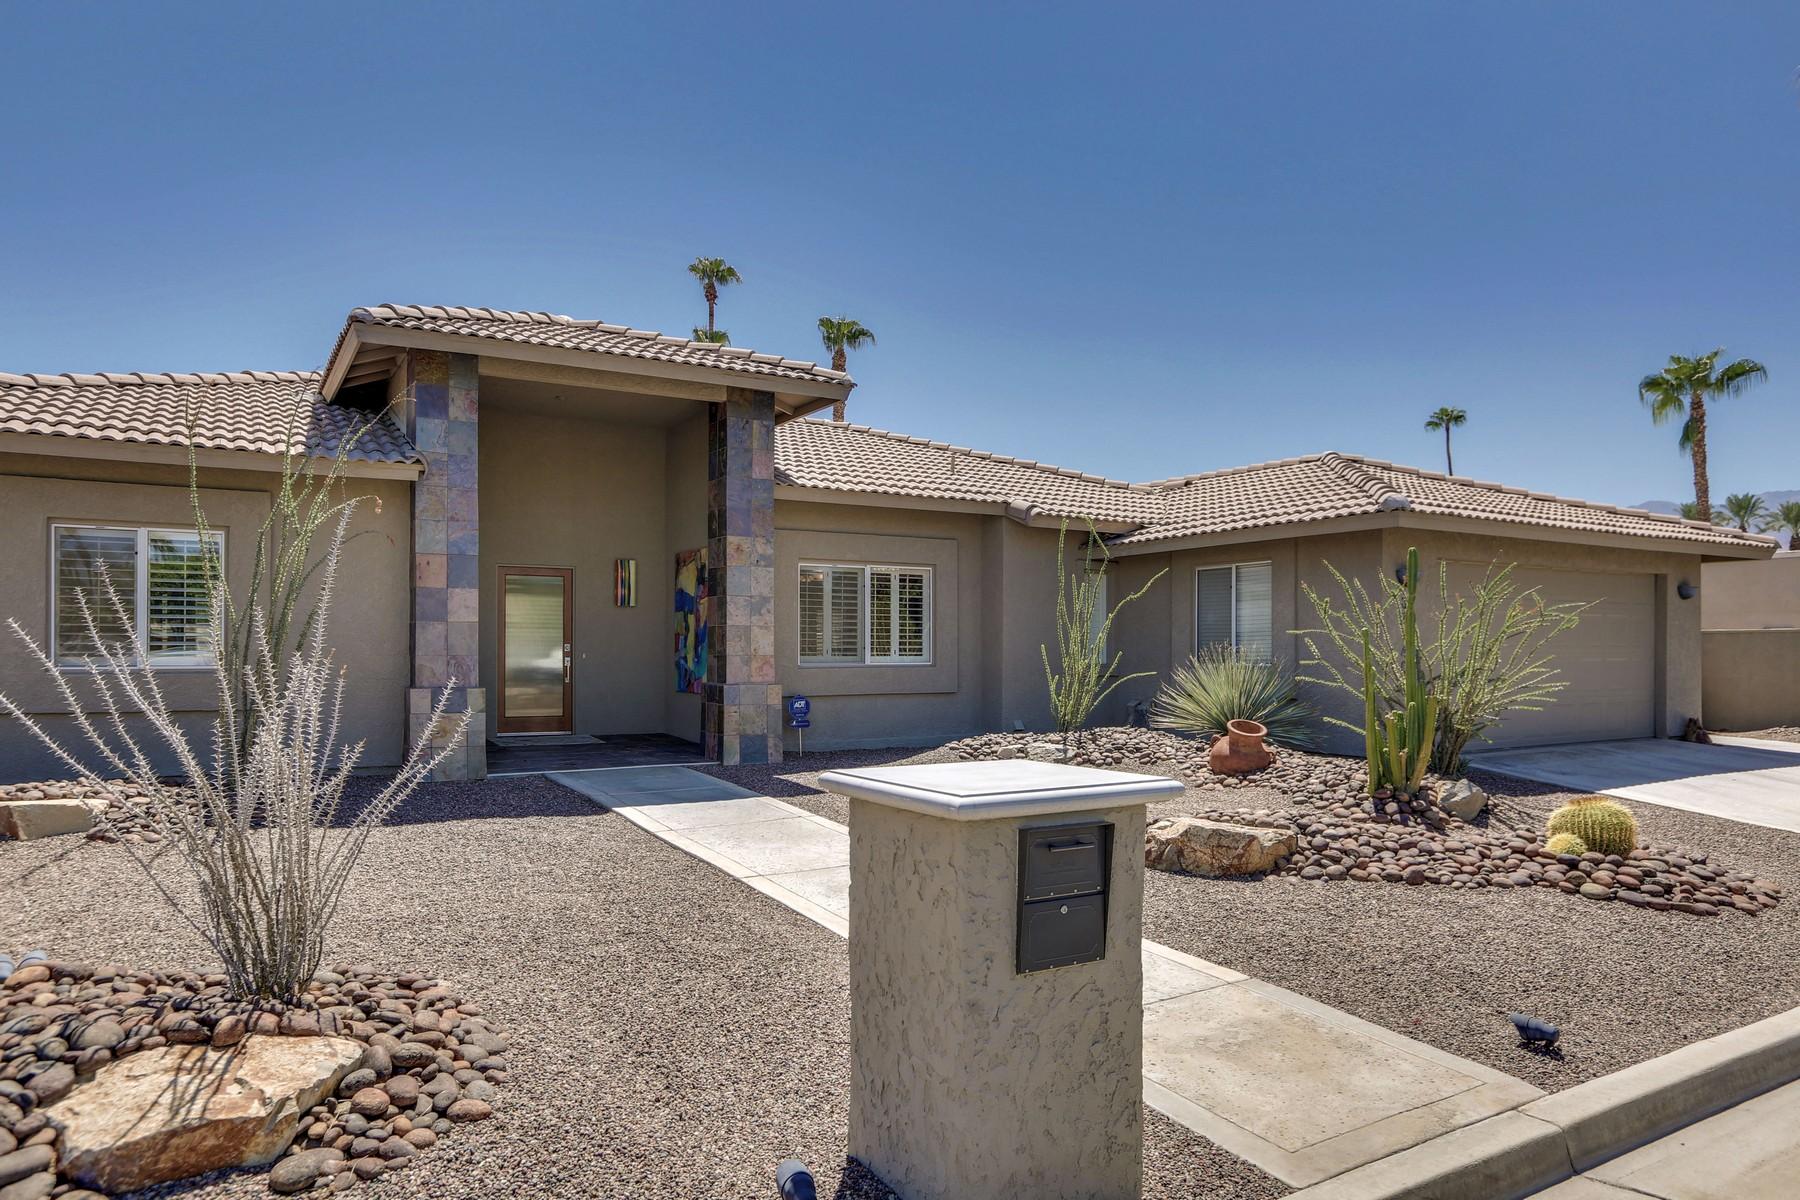 獨棟家庭住宅 為 出售 在 37740 Peacock Cir Rancho Mirage, 加利福尼亞州, 92270 美國